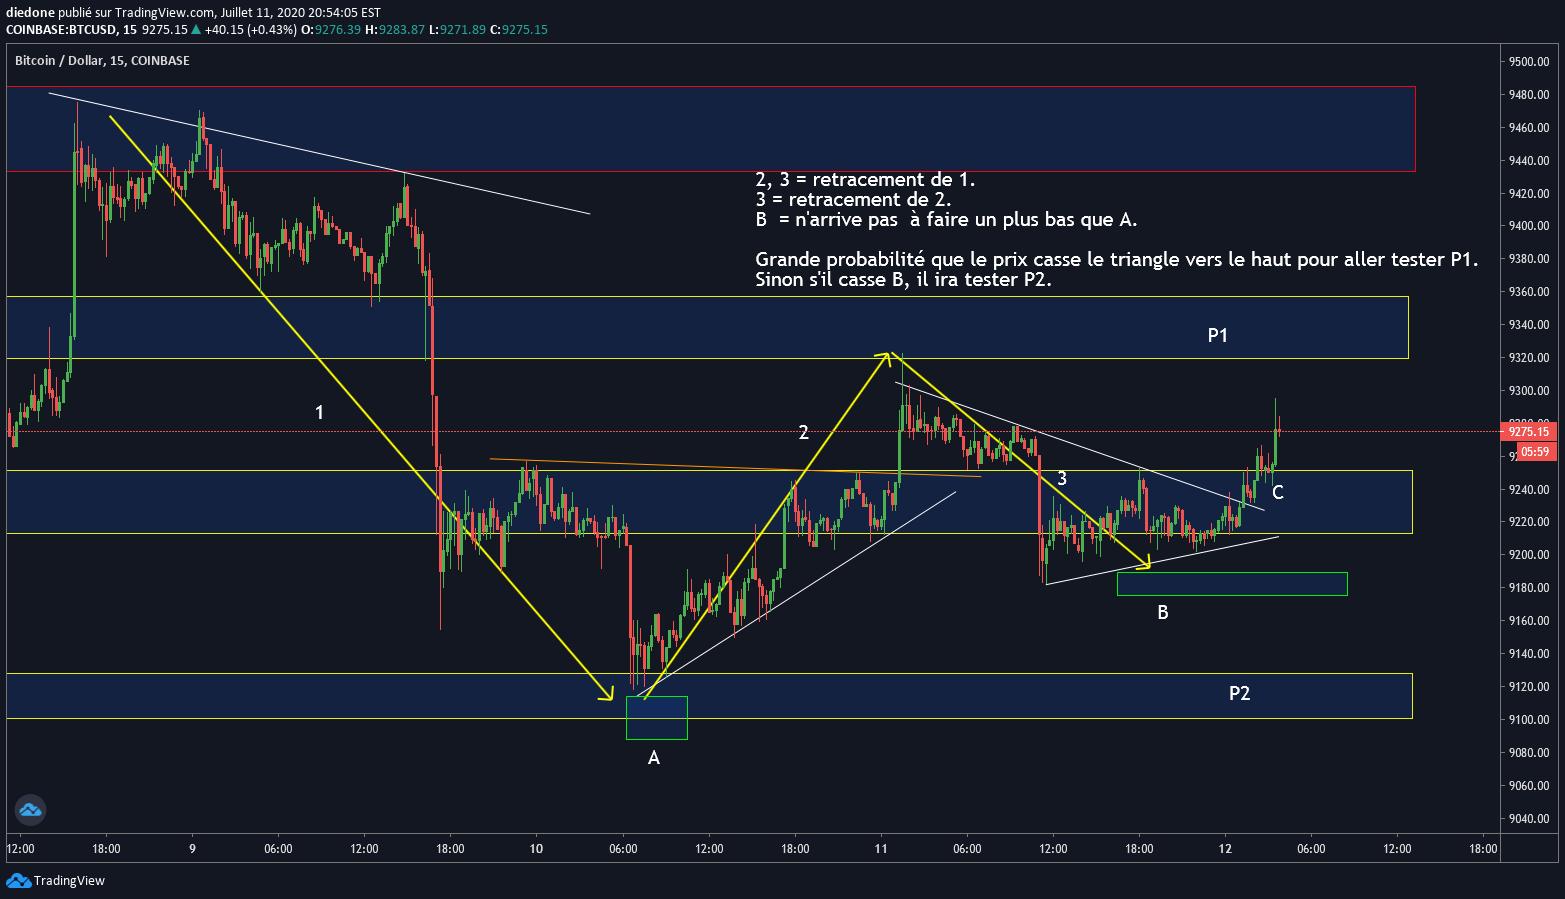 tradingview coinbase btc usd